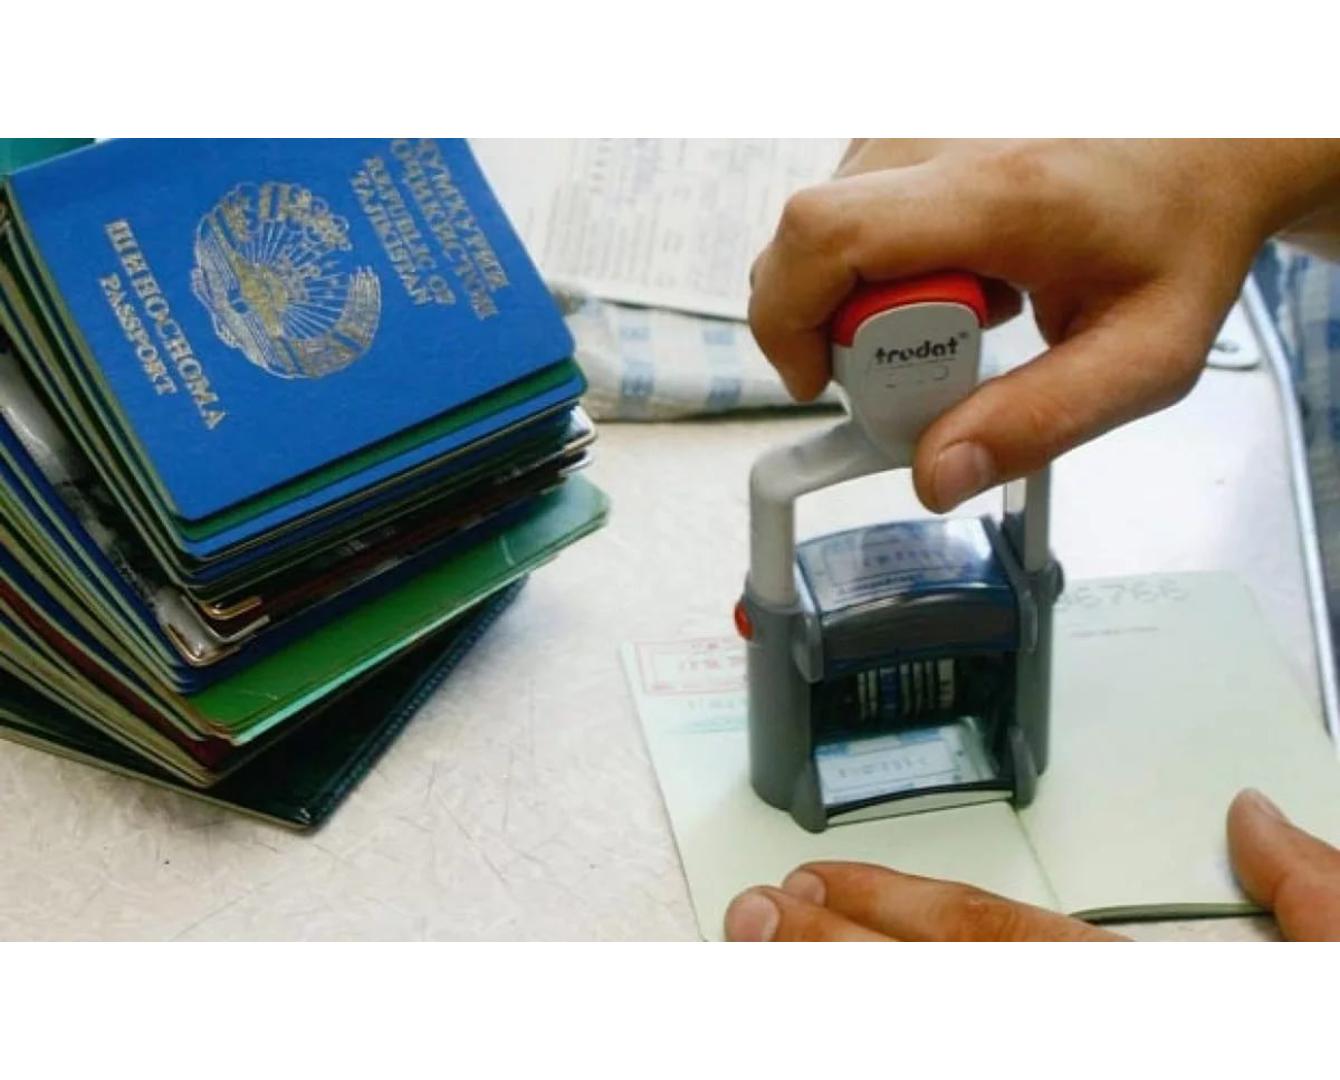 Более 2 тысяч иностранцев устроились на работу в феврале в Казахстане